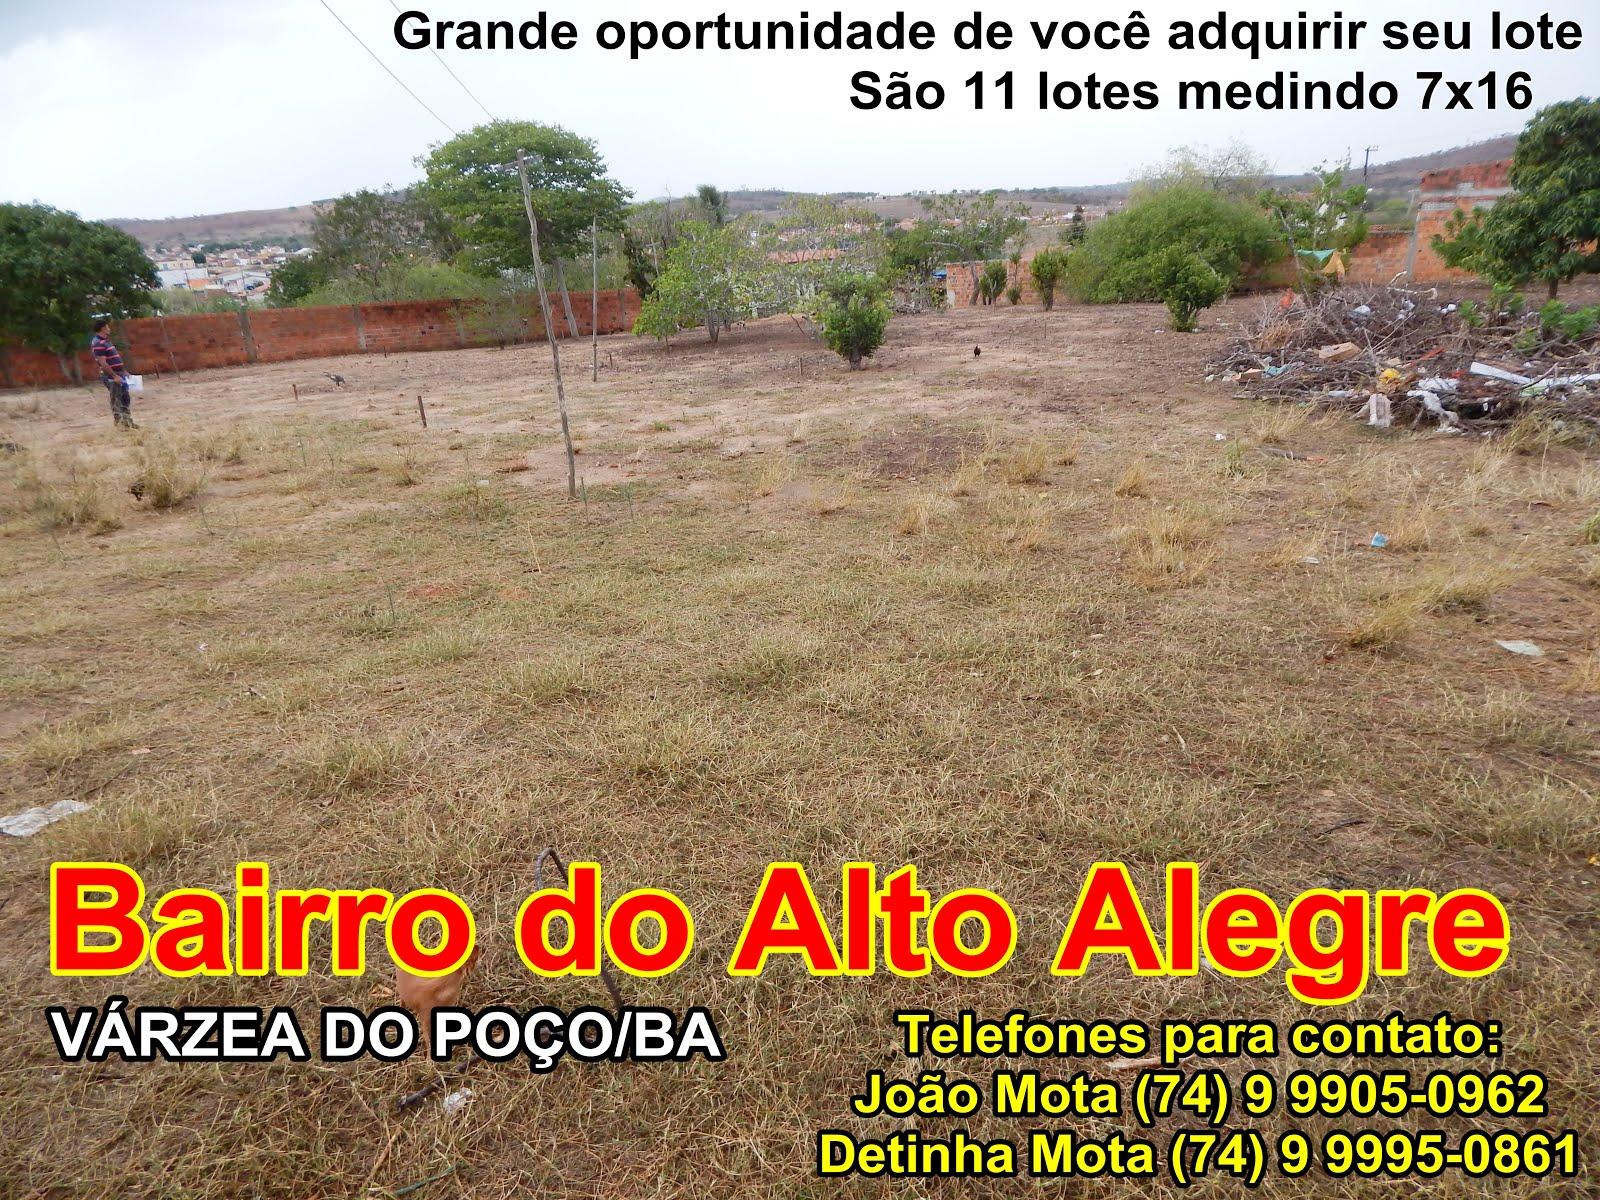 Grande oportunidade de você adquirir seu lote no Loteamento no Alto Alegre em Várzea do Poço